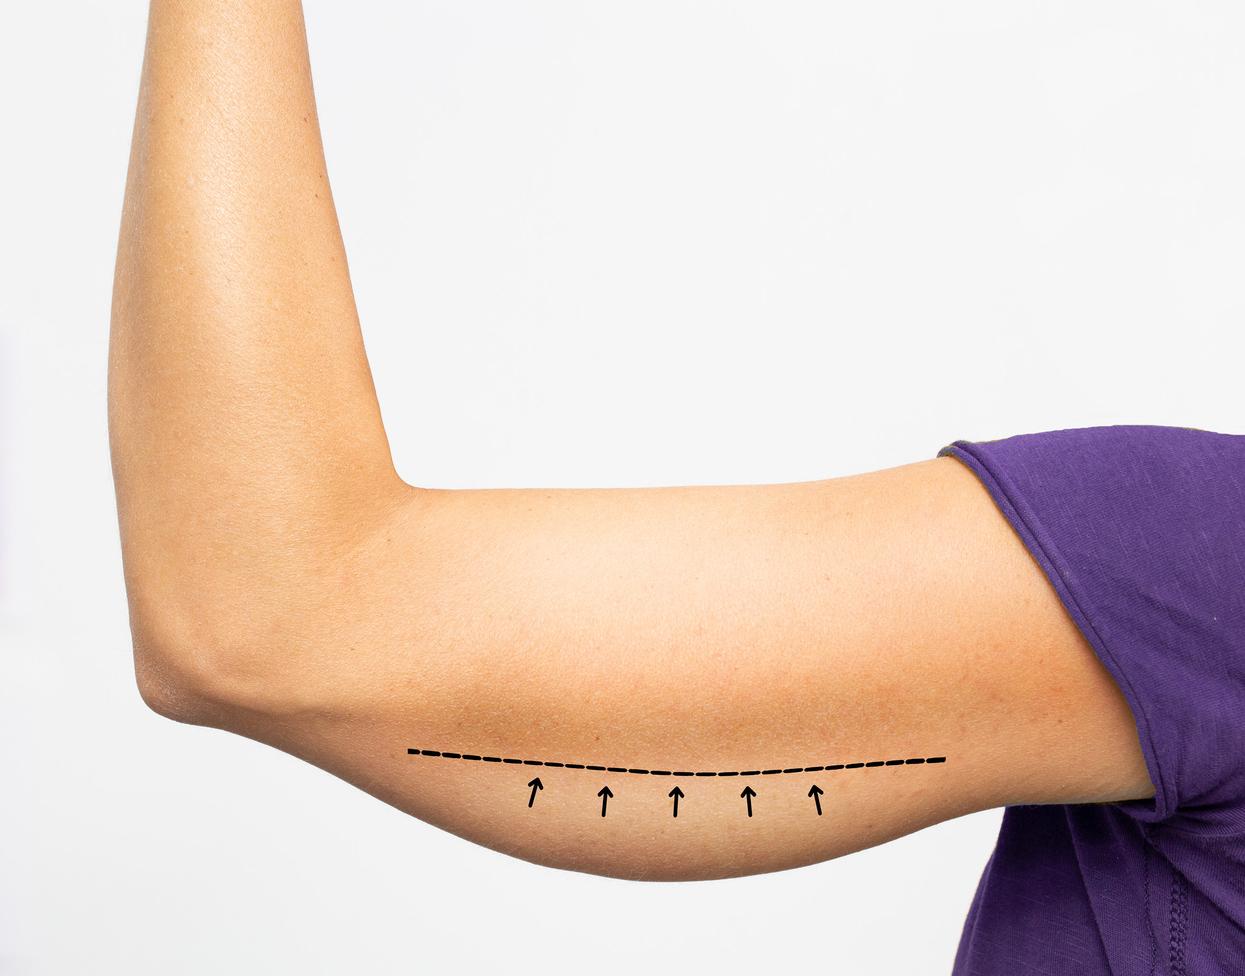 fili biostimolazione definzione volumi corpo milano